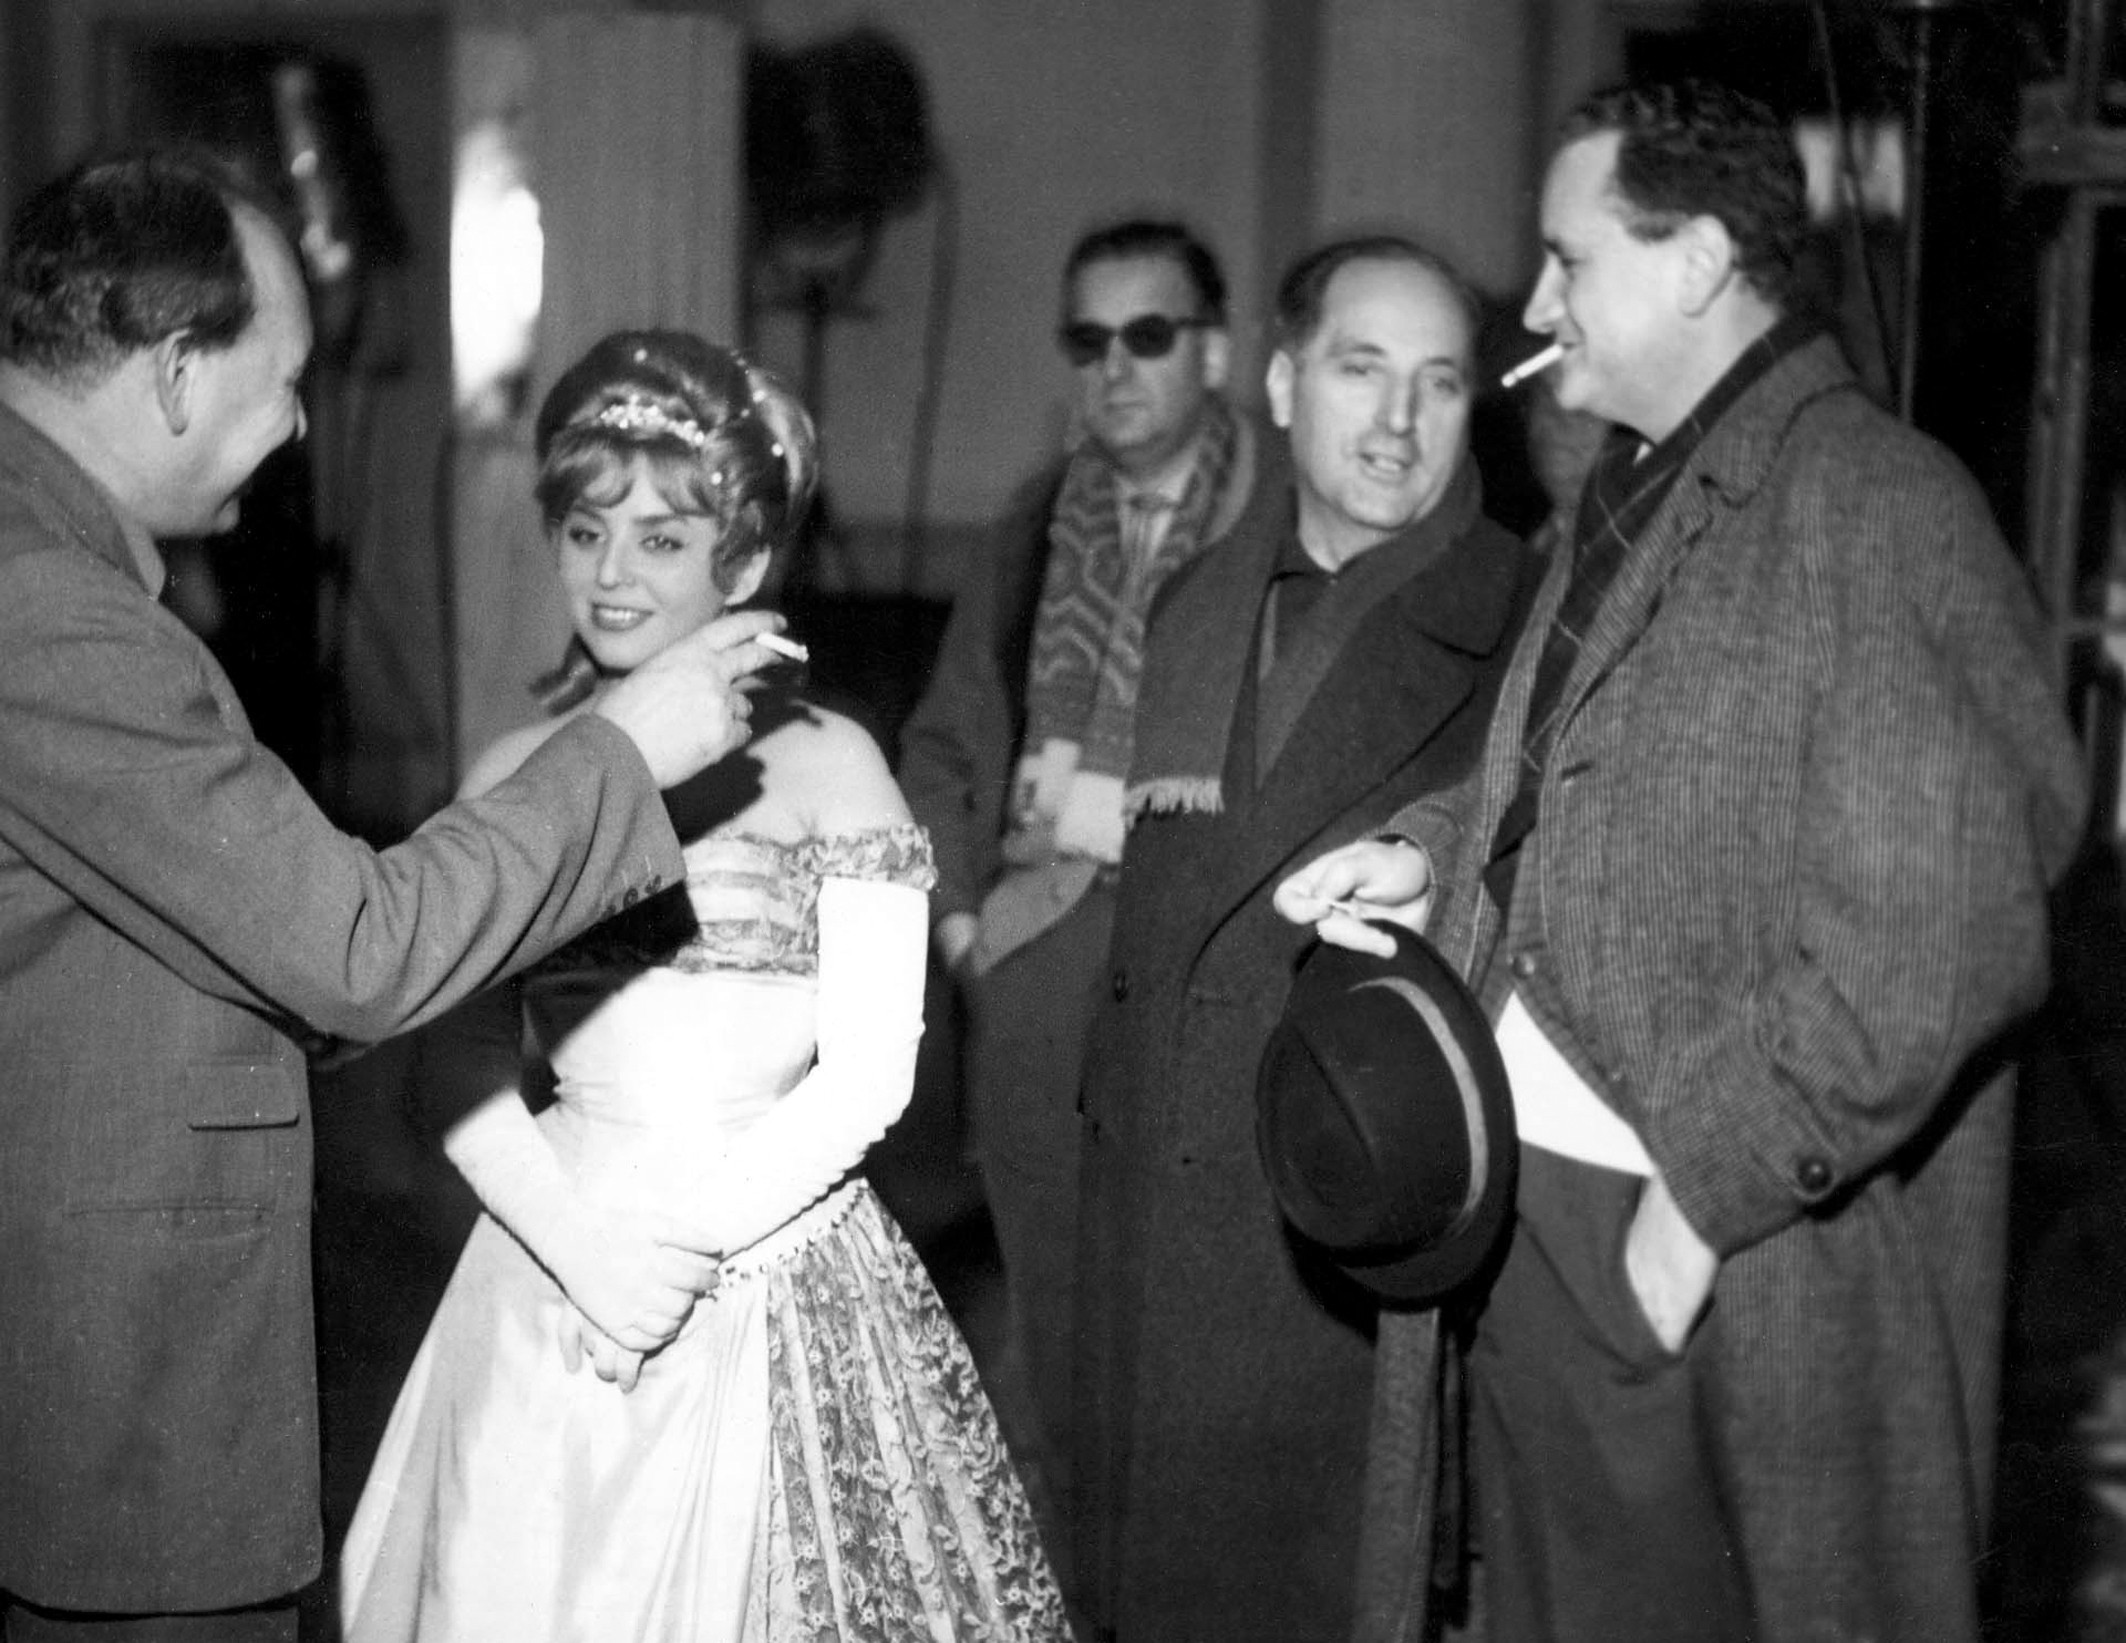 Kalina Jędrusik i Stanisław Dygat (pierwszy z prawej) na planie filmu 'Spóźnieni przechodnie' w reżyserii Jana Rybkowskiego, 1962 r. (fot. archiwum Magdy Dygat / FOTONOVA / Eastnews)